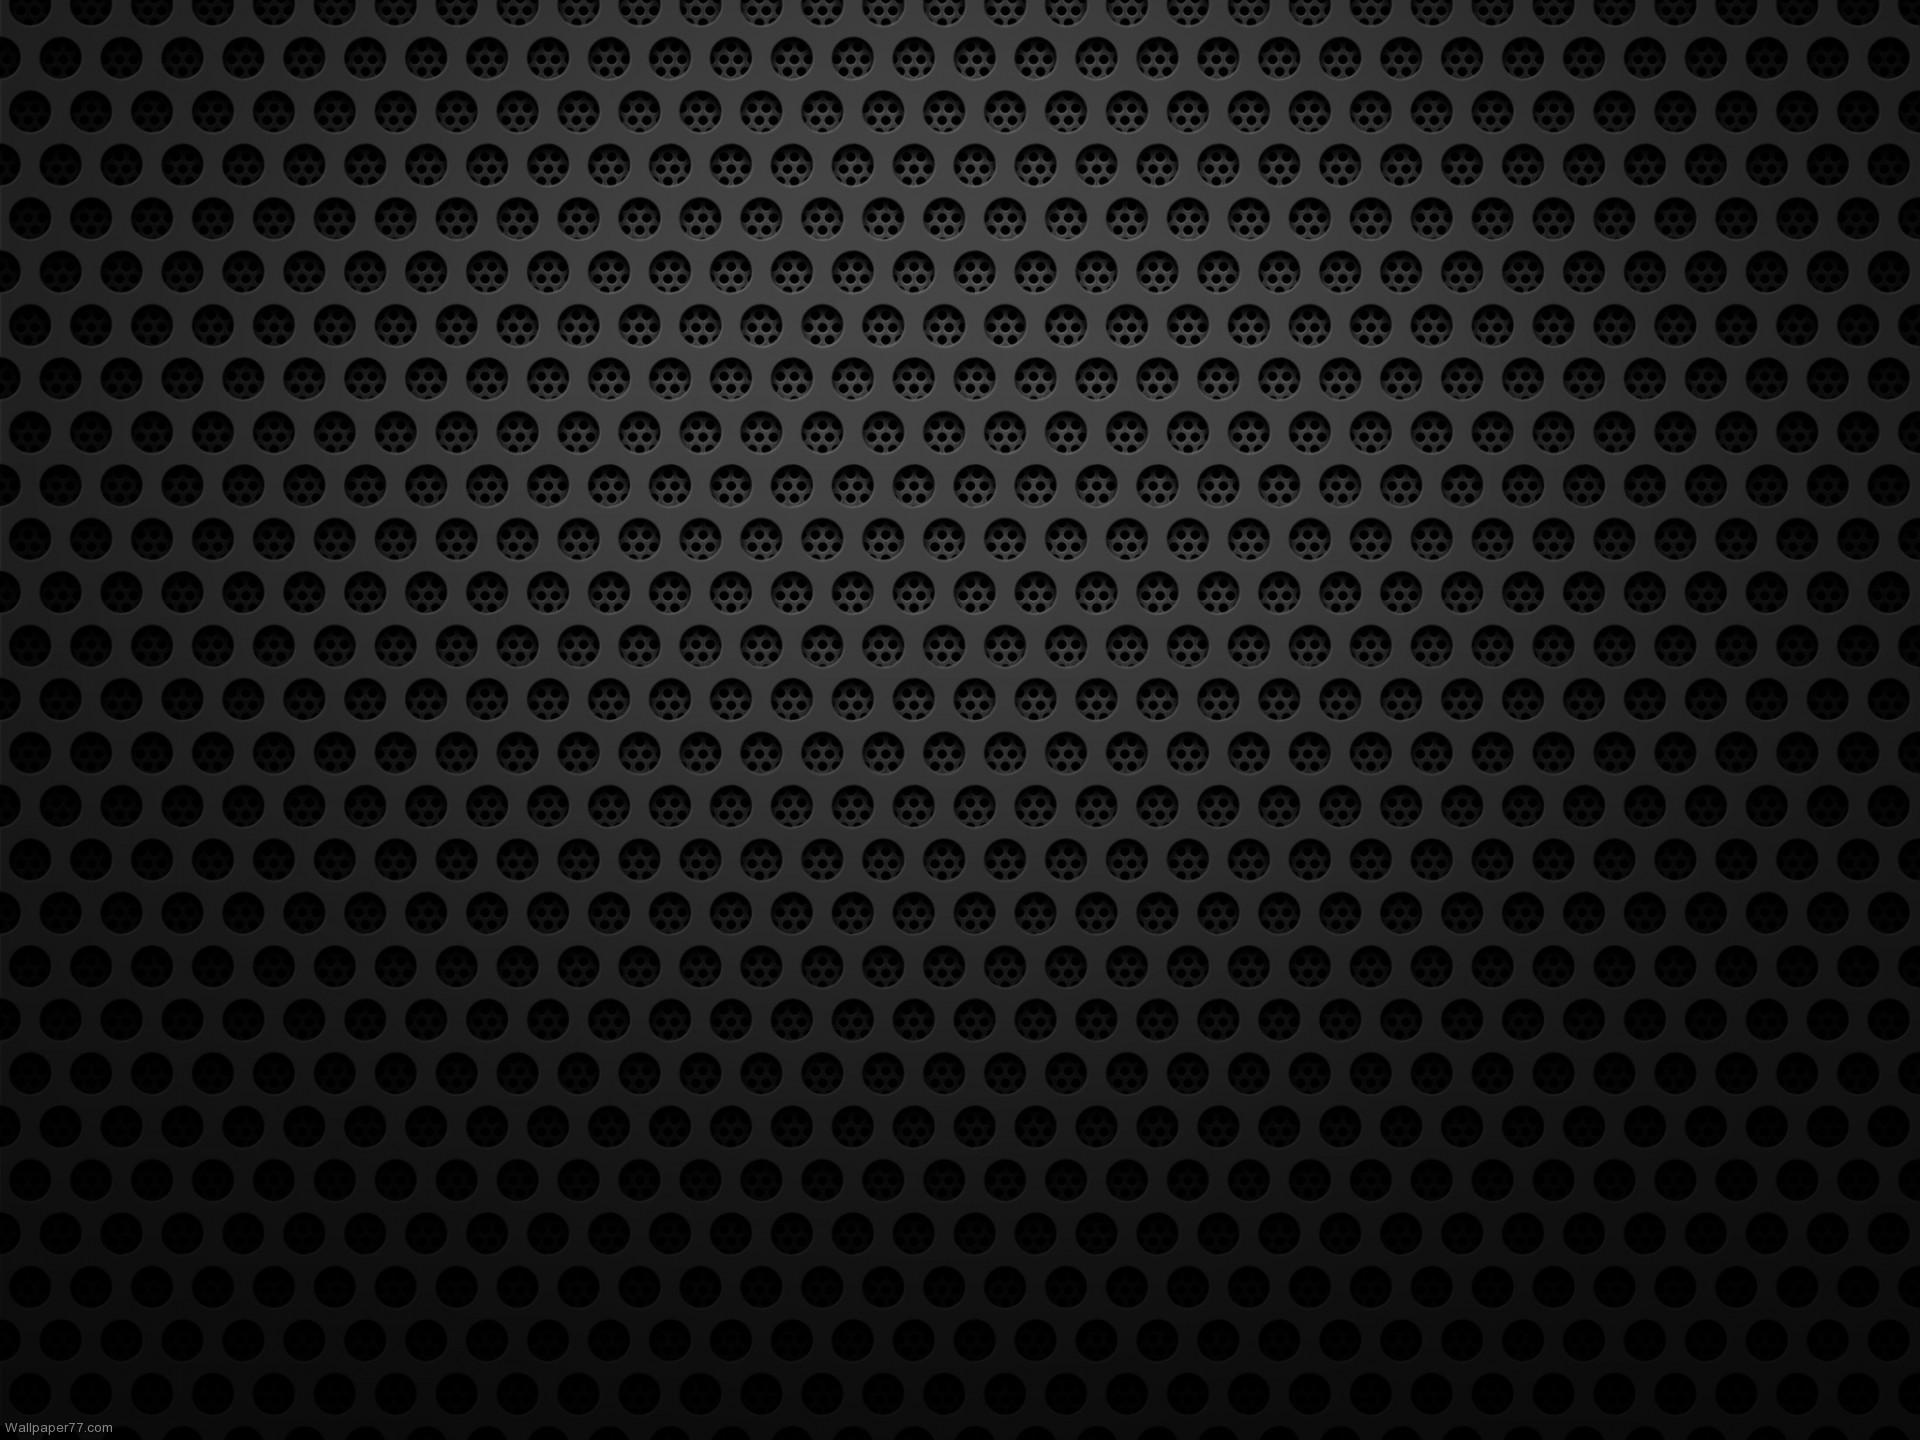 wallpaper iPad wallpaper pattern wallpapers retina display 1920x1440